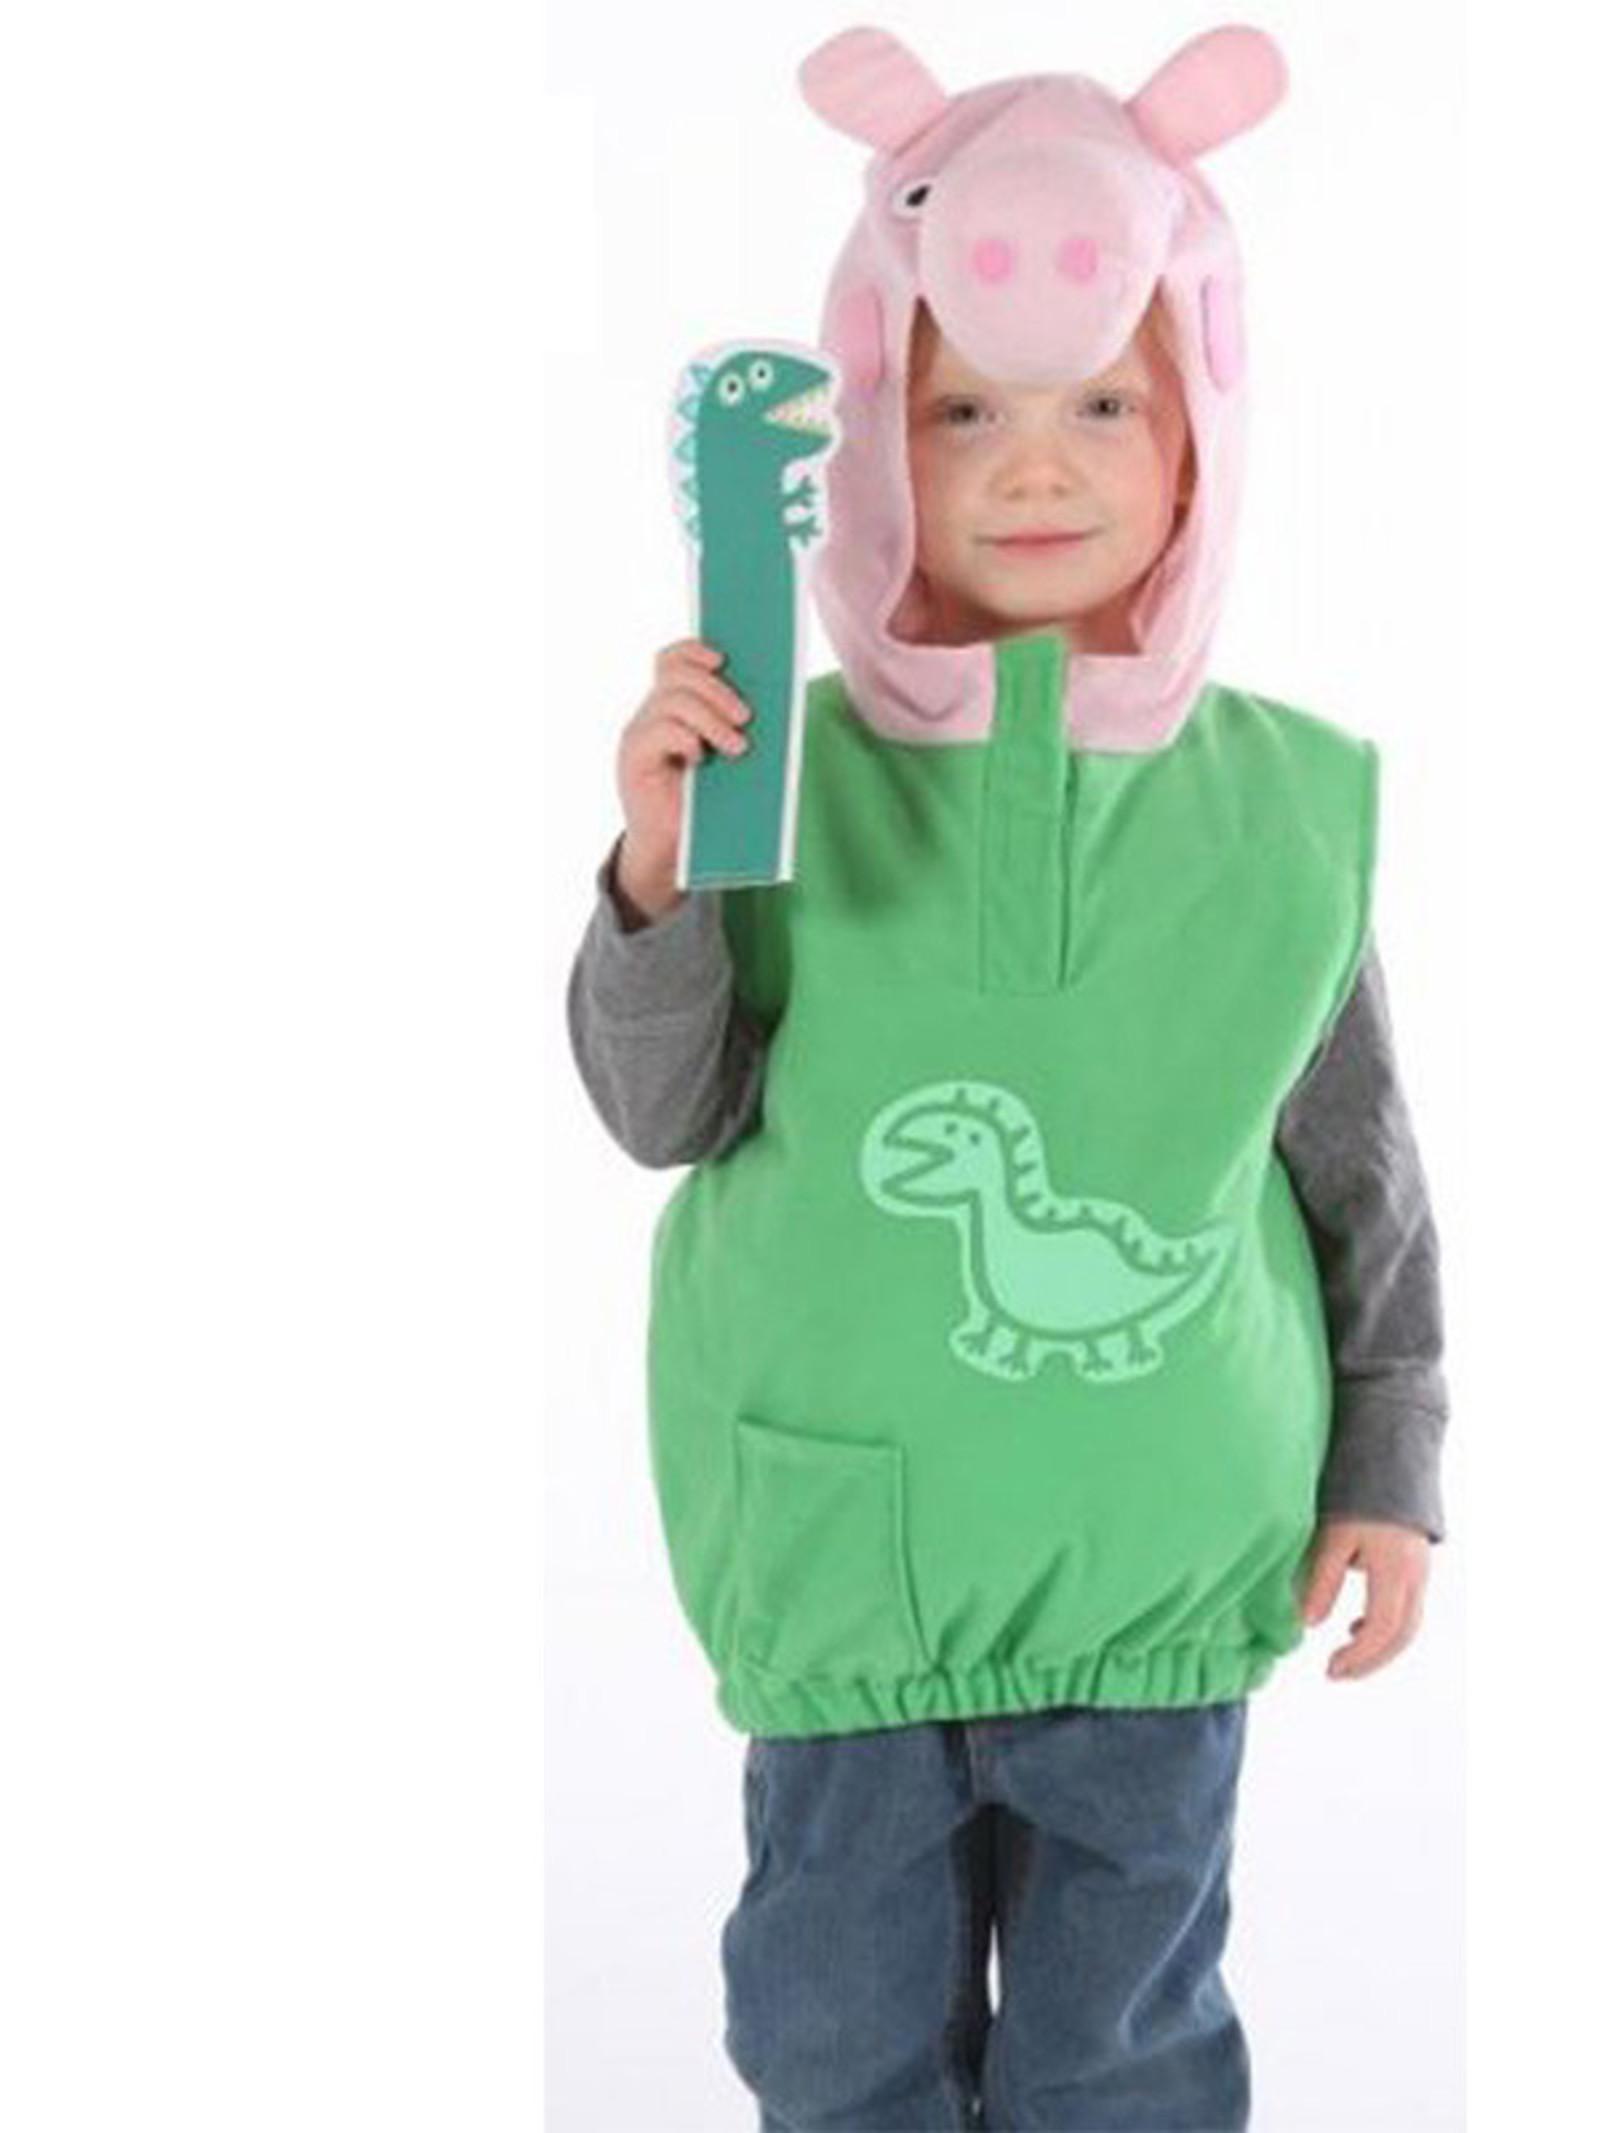 Peppa Pig Costume DIY  Peppa Pig s George Toddler Costume